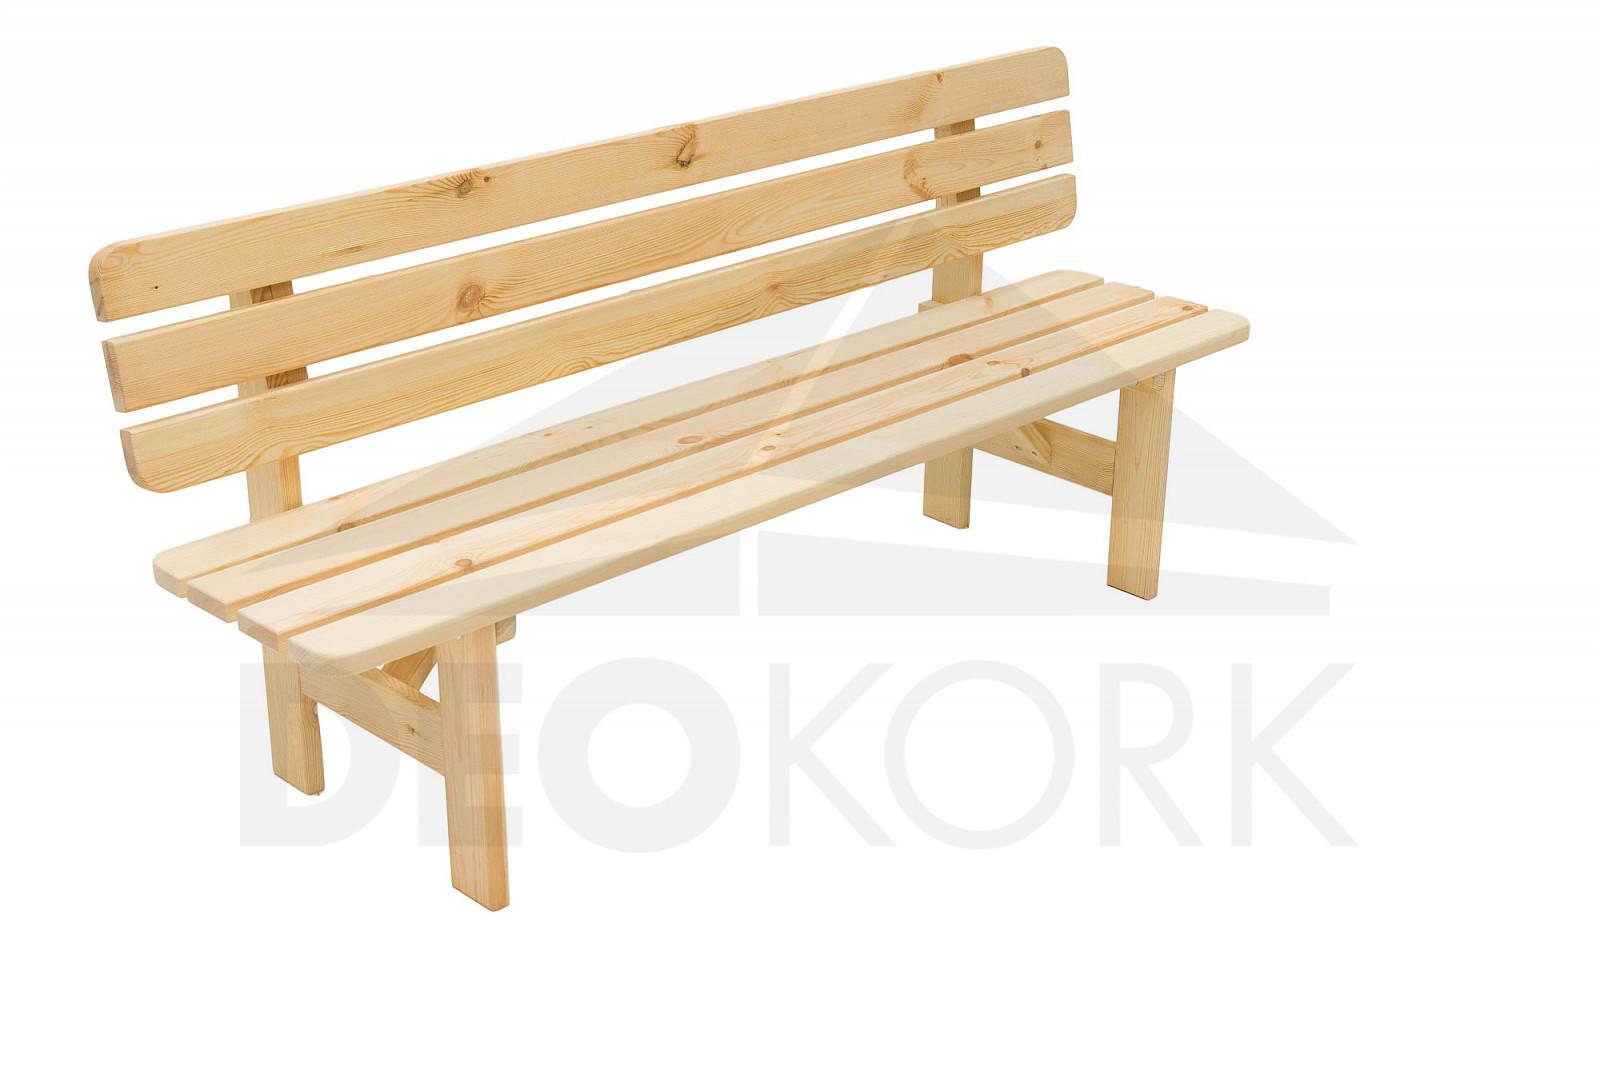 Masívna lavica z borovice drevo 30 mm (rôzne dĺžky)